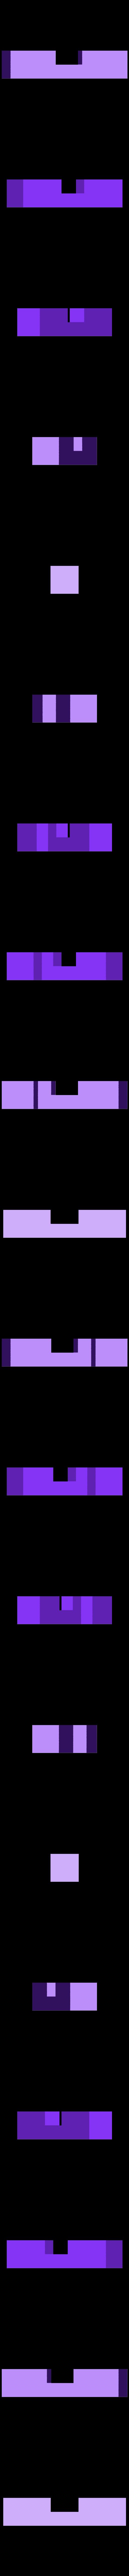 4.STL Télécharger fichier STL gratuit Puzzle/Casse tête en 3D • Objet pour impression 3D, RaphyGalibar